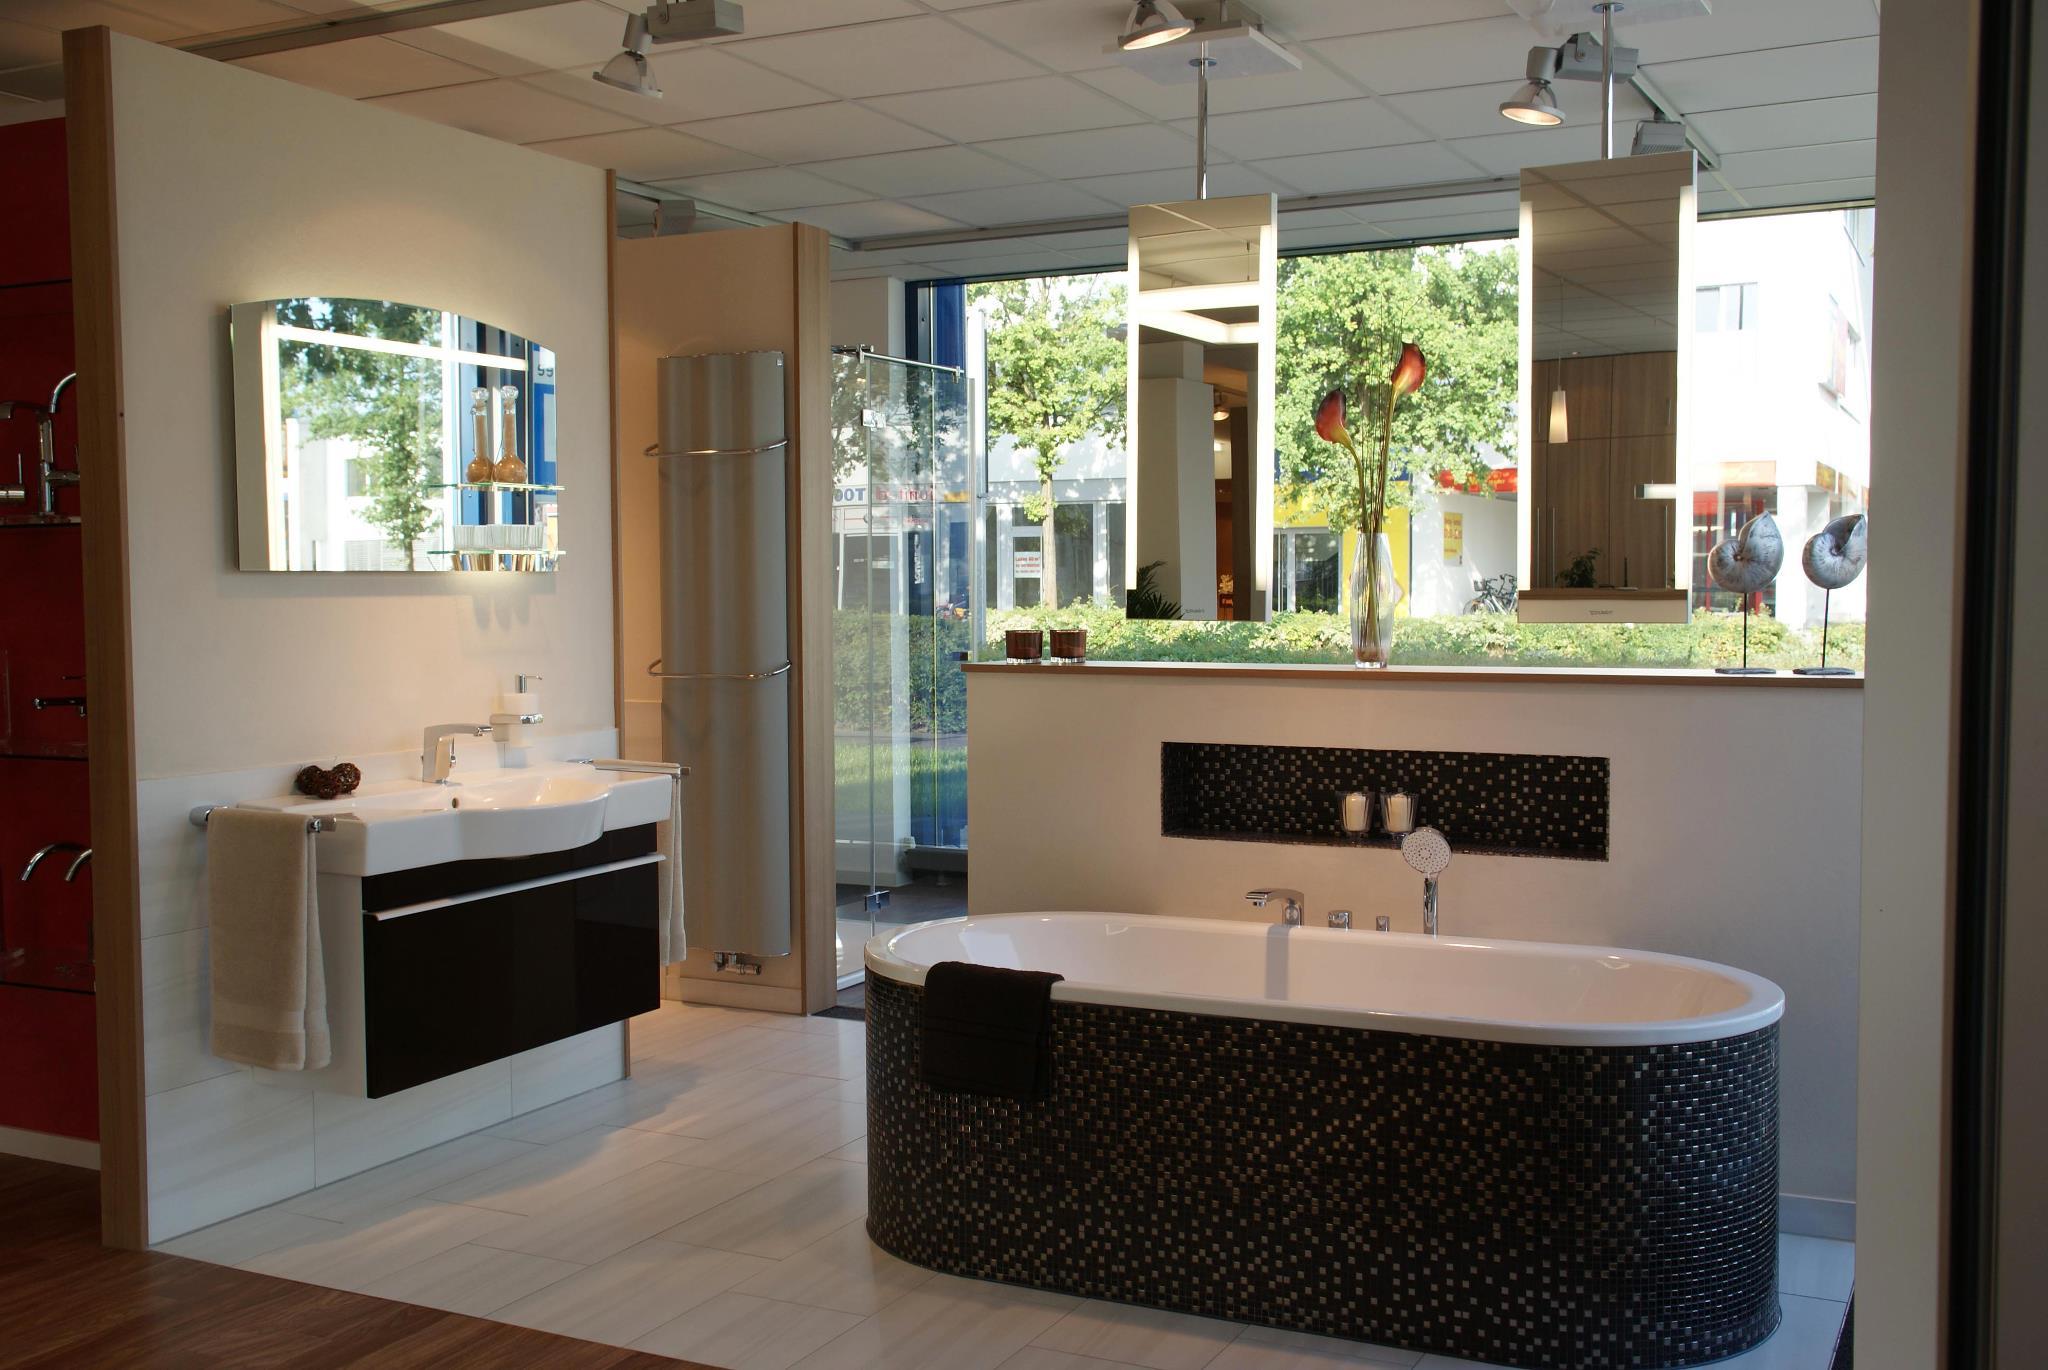 thiele fendel in oldenburg. Black Bedroom Furniture Sets. Home Design Ideas